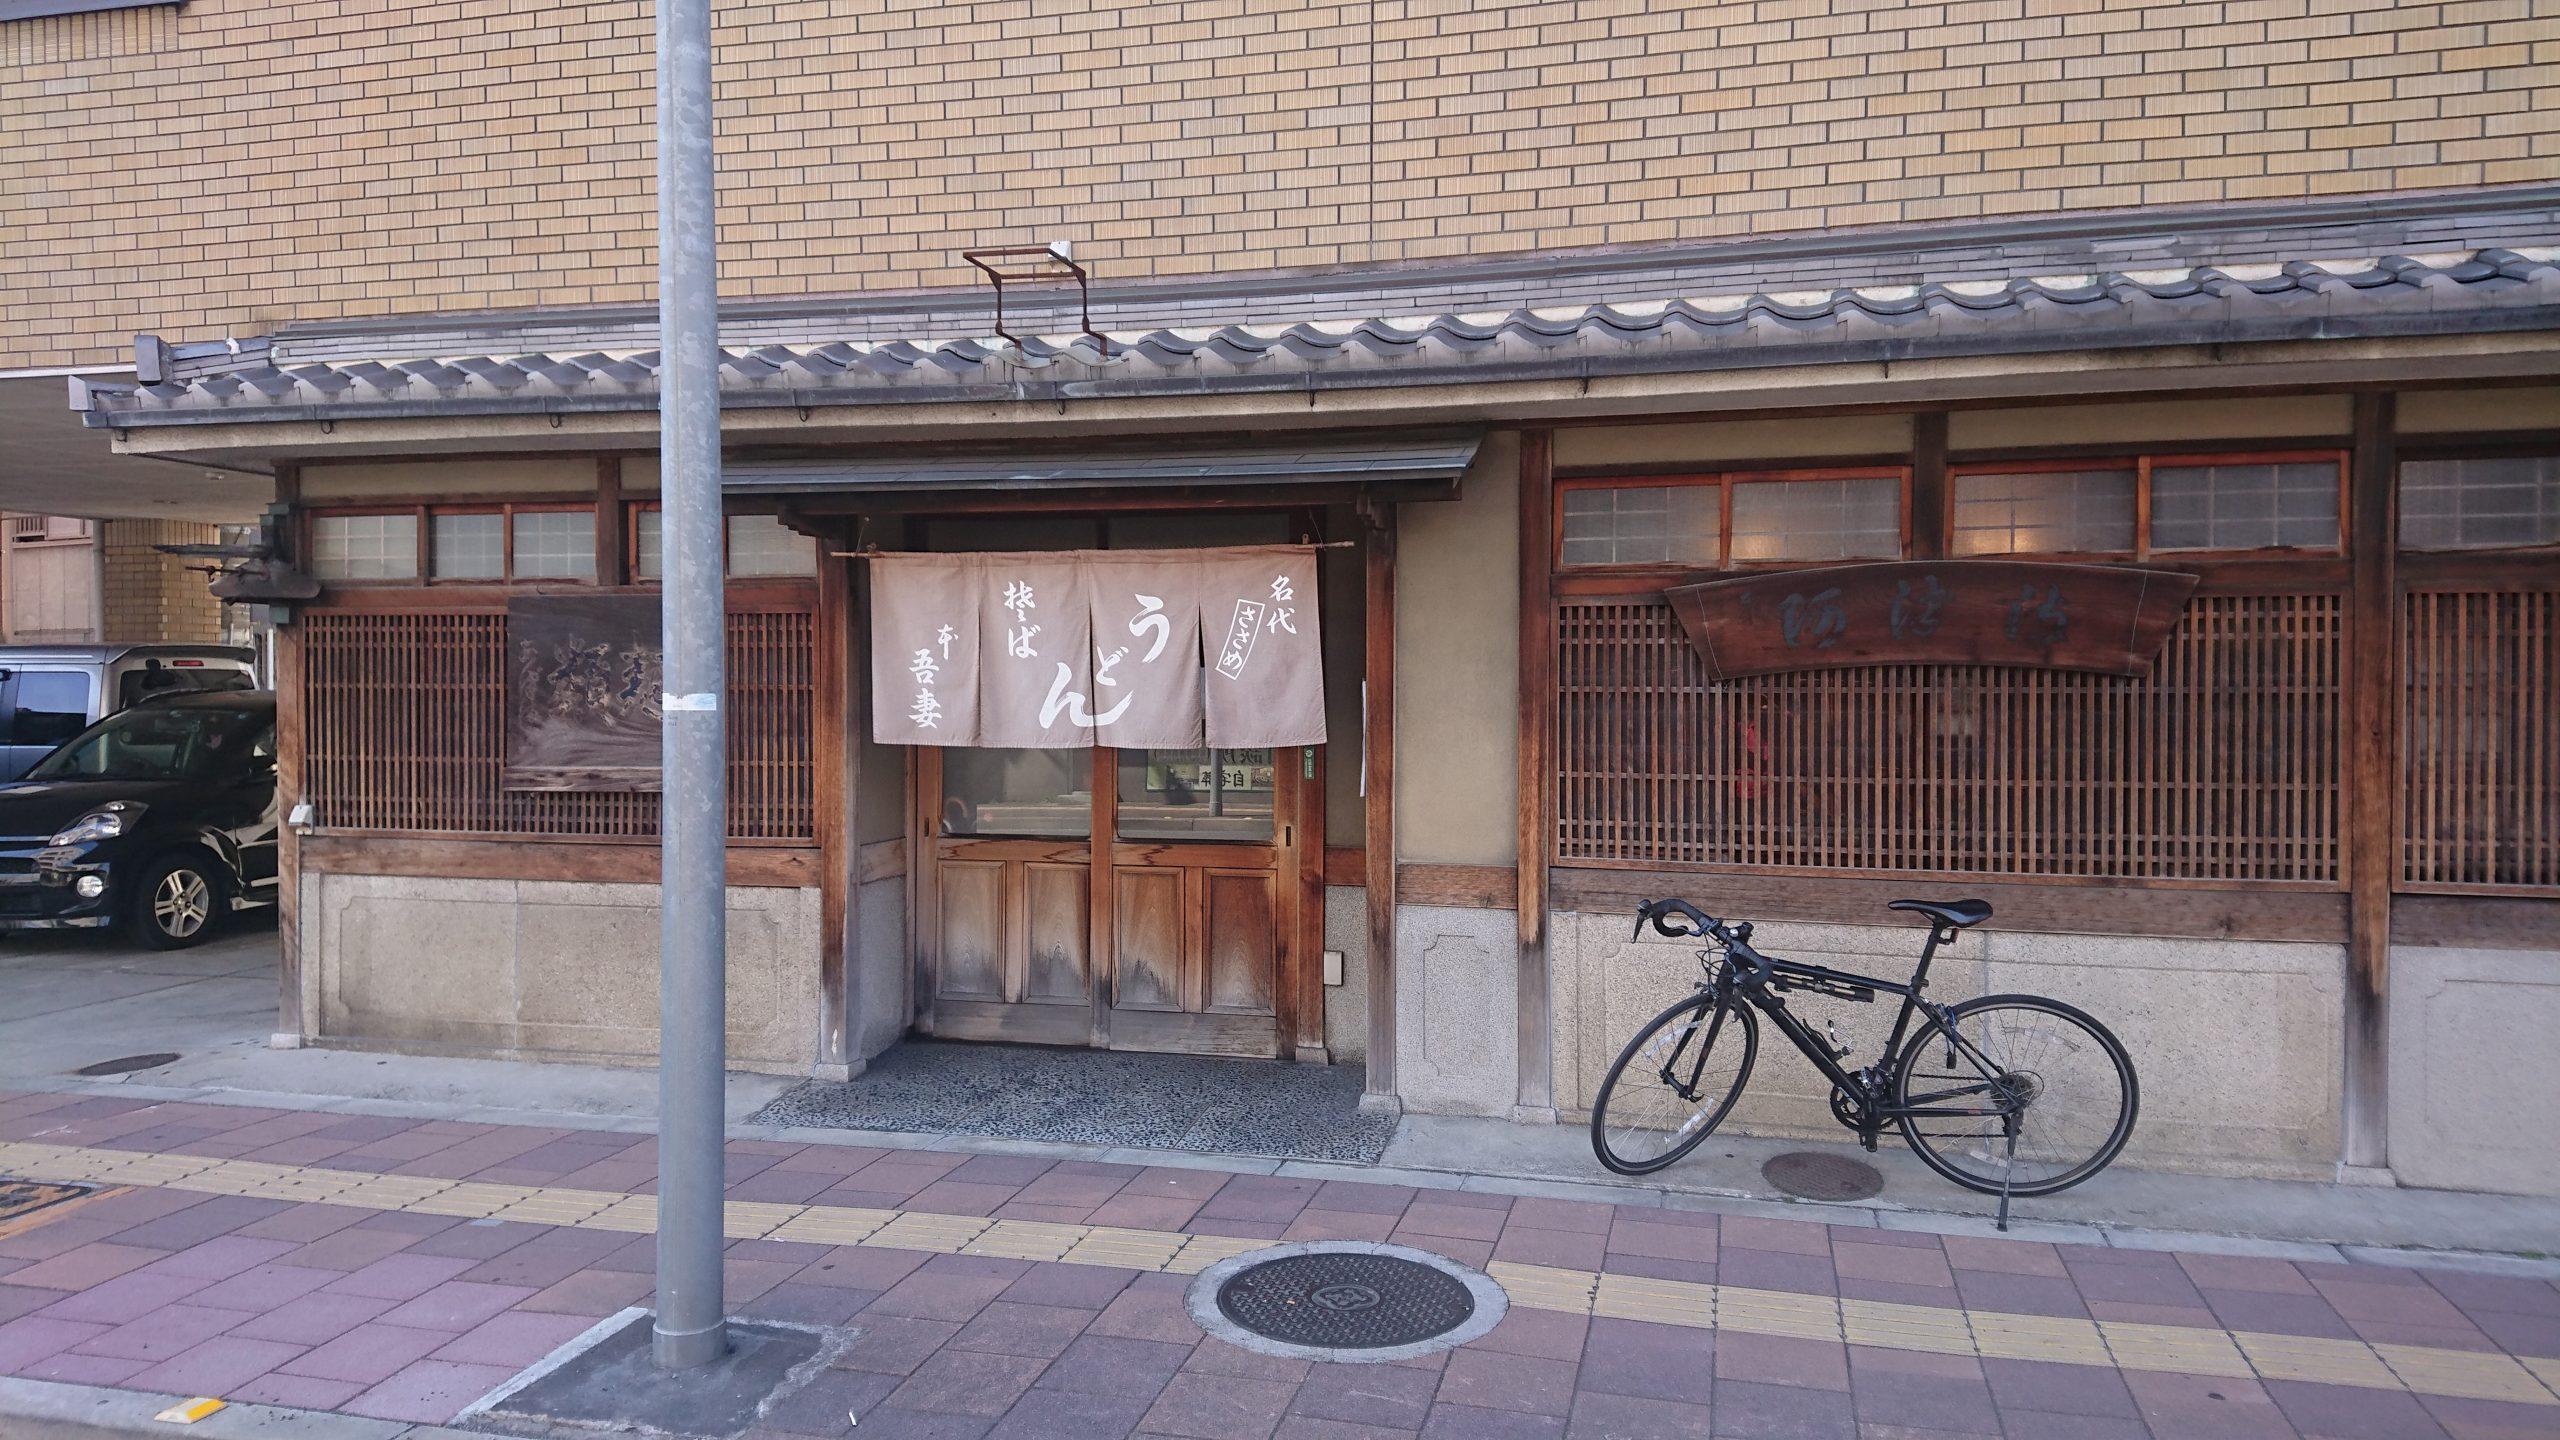 『吾妻』創業元治元年(1864年) 大阪最古の老舗うどん屋